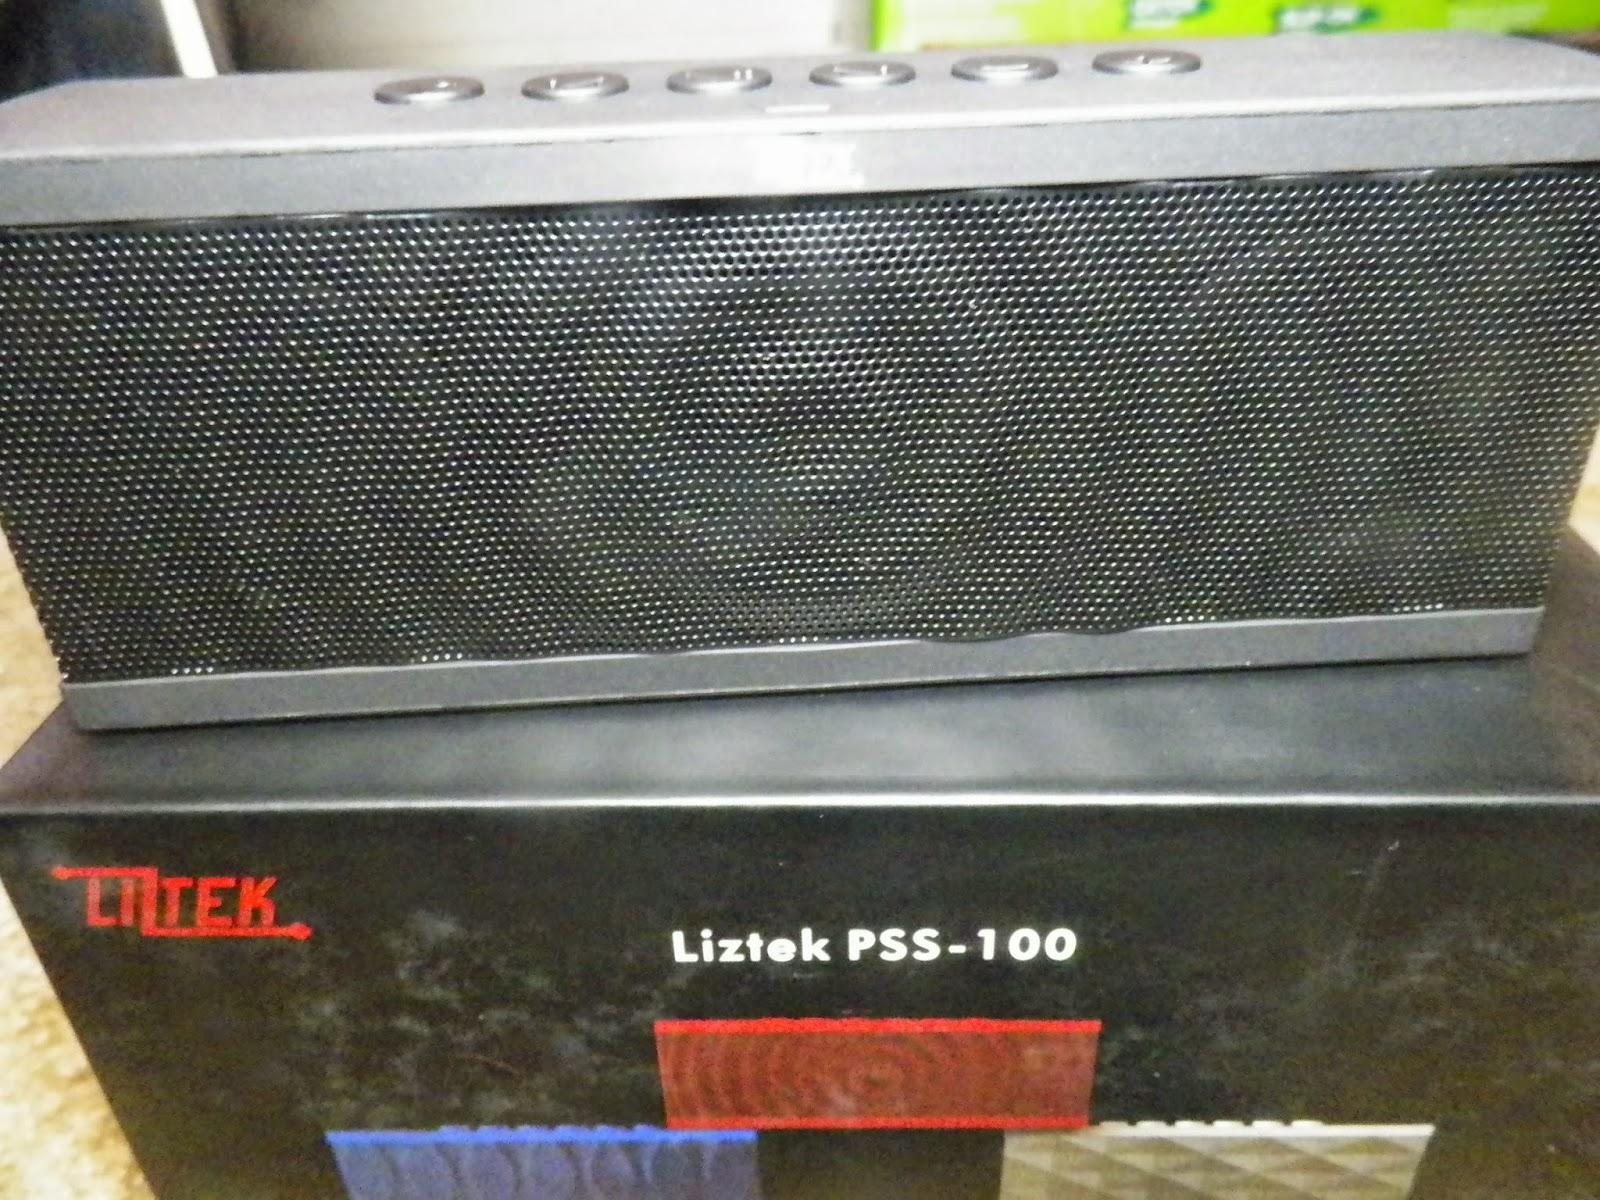 LiztekPSS100BluetoothSpeaker.jpg